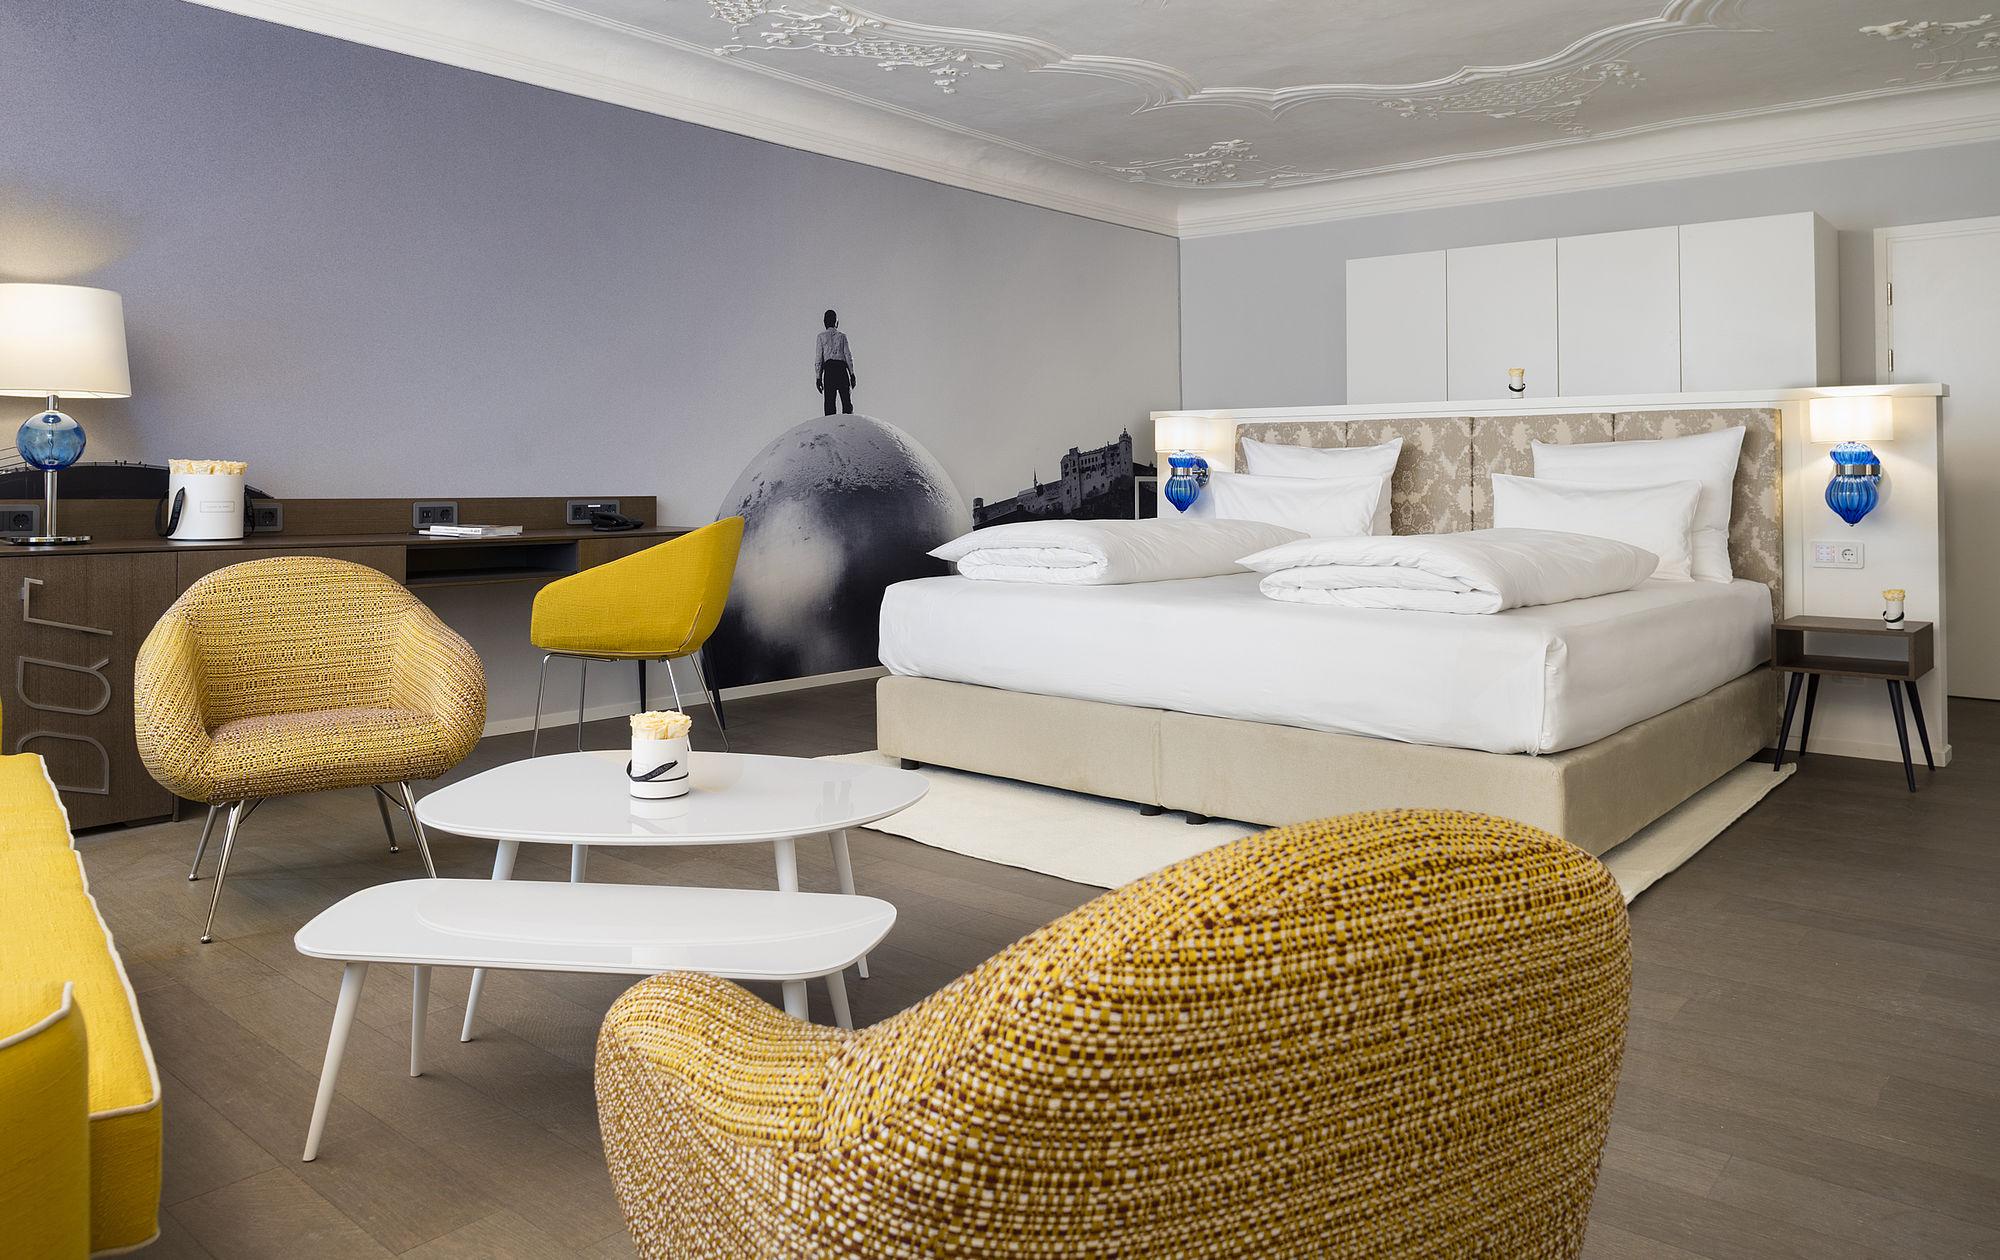 Geräumige Hotel Suite Mit Blick Aufs Doppelbett Und Stuckverzierter Decke  In Salzburg.